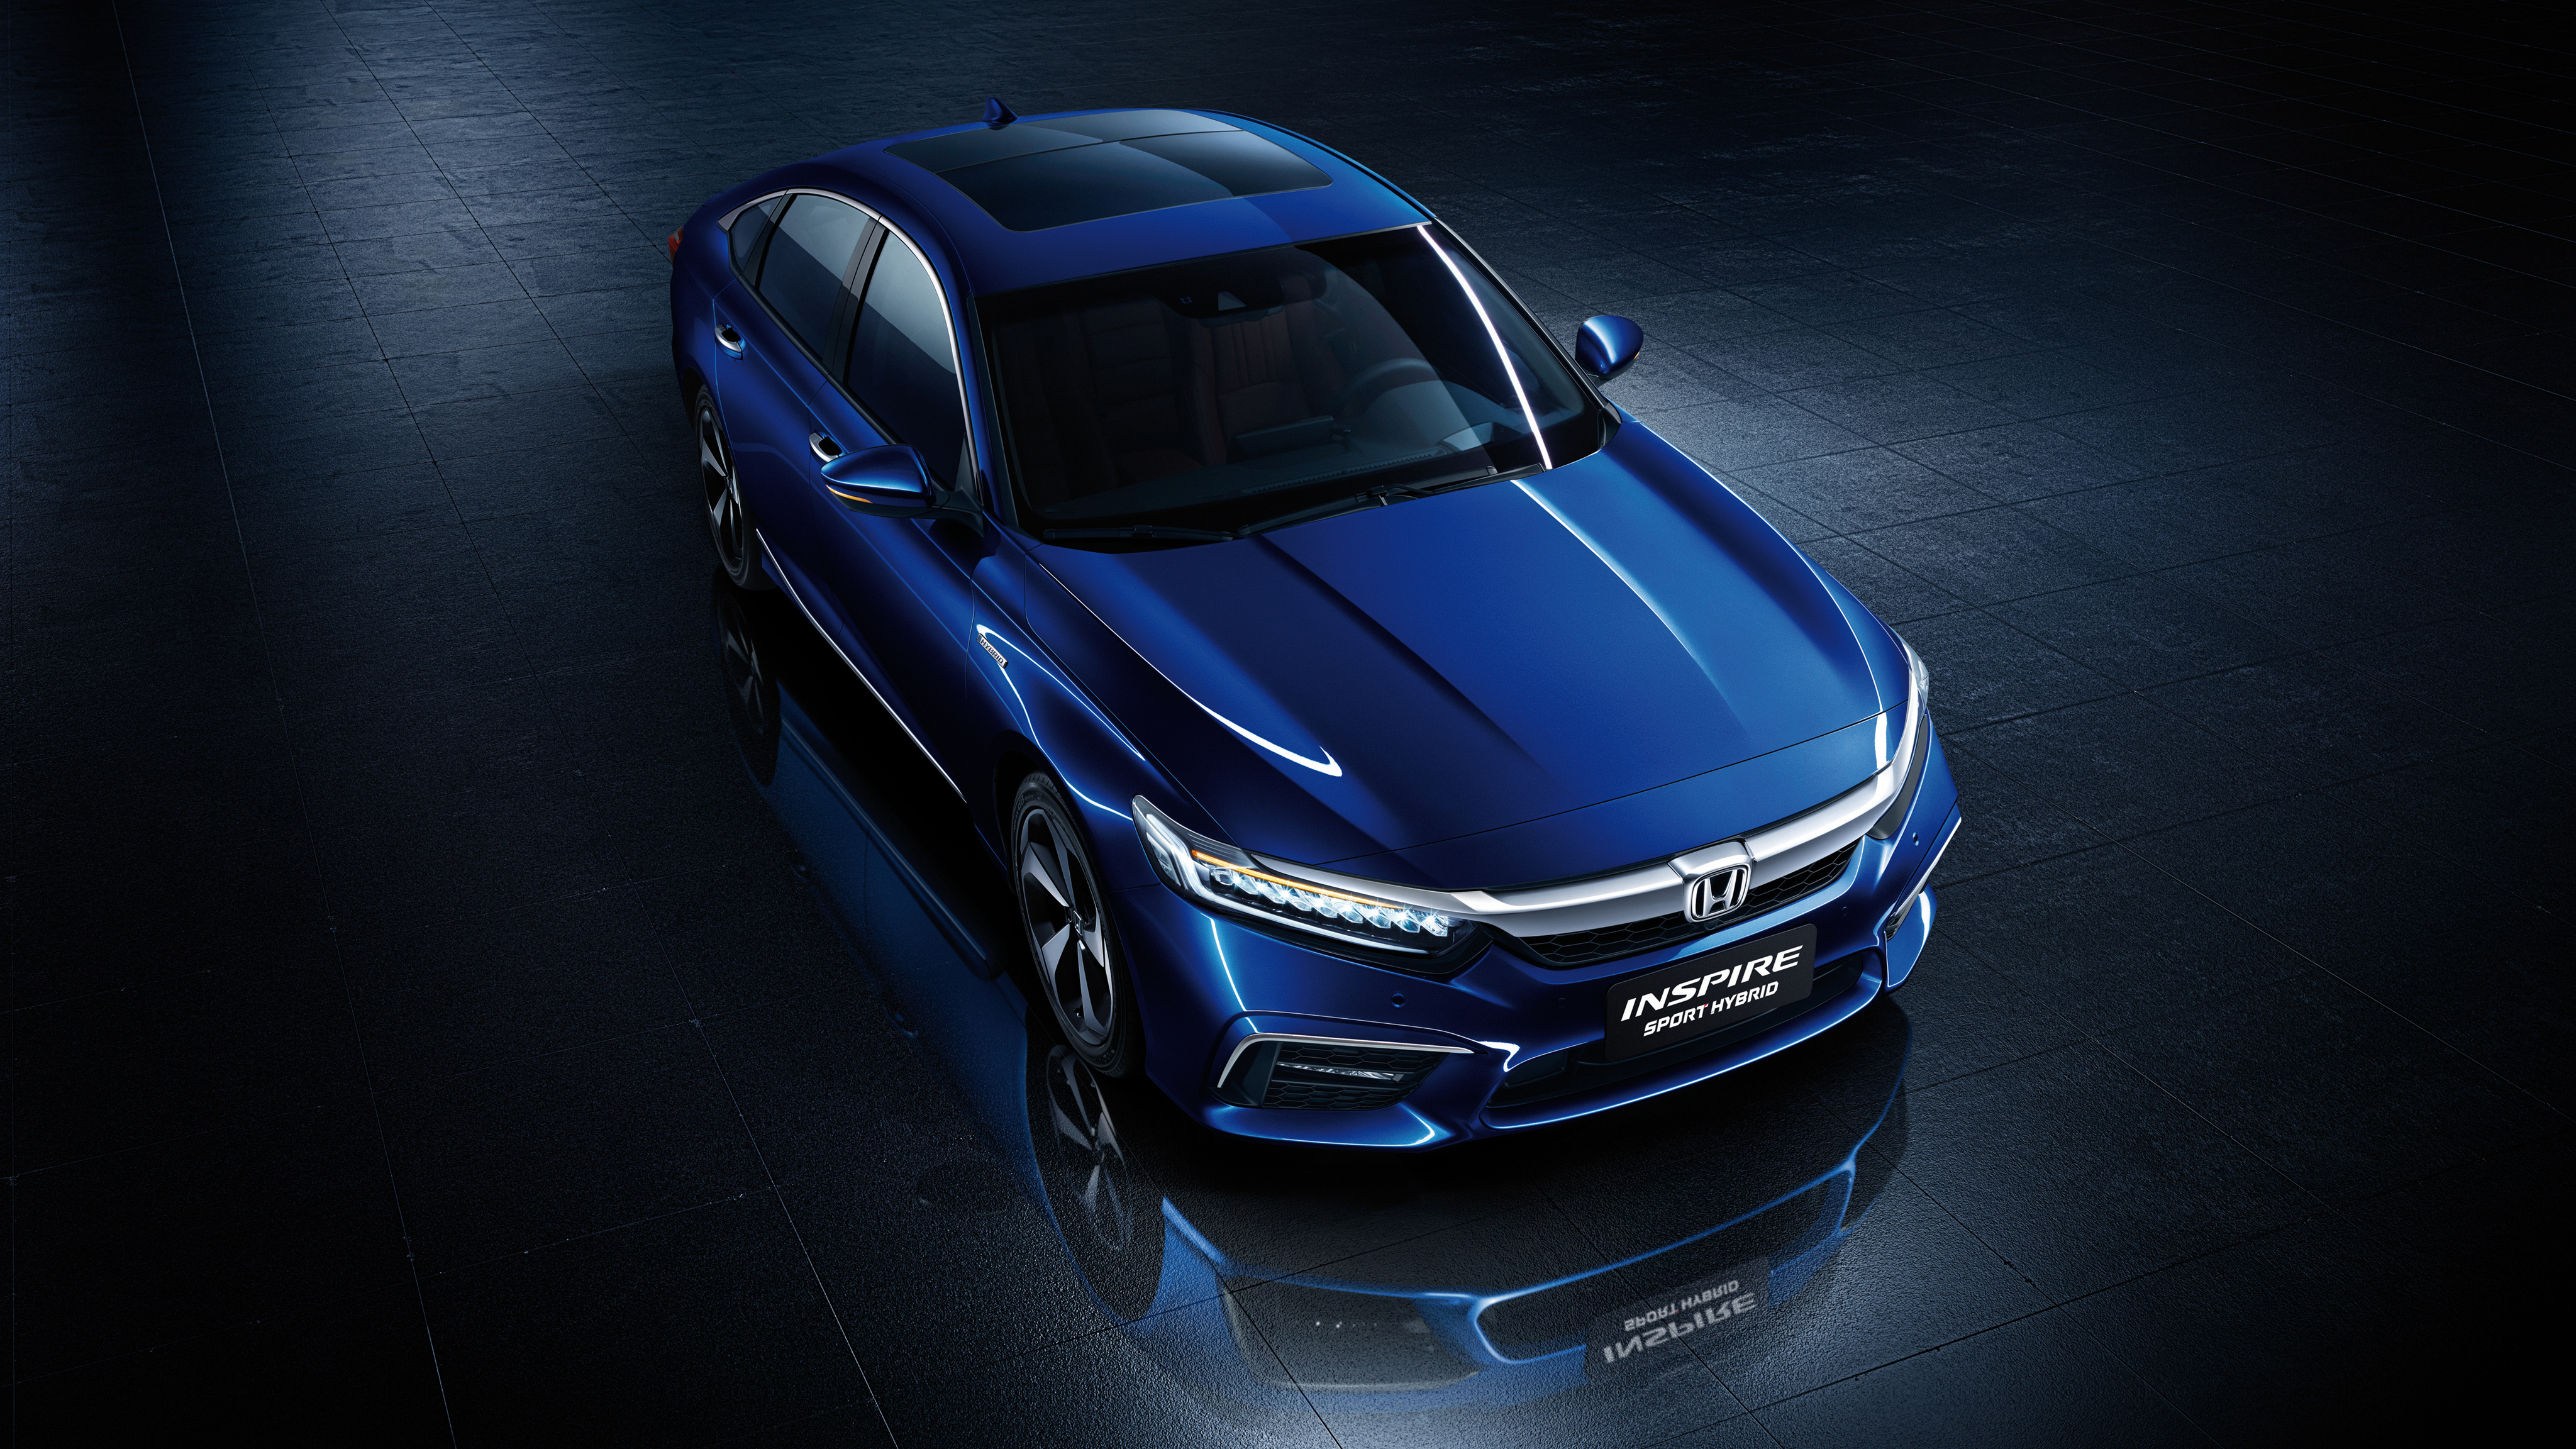 2017 Honda Civic Type R Wallpaper | HD Car Wallpapers | ID